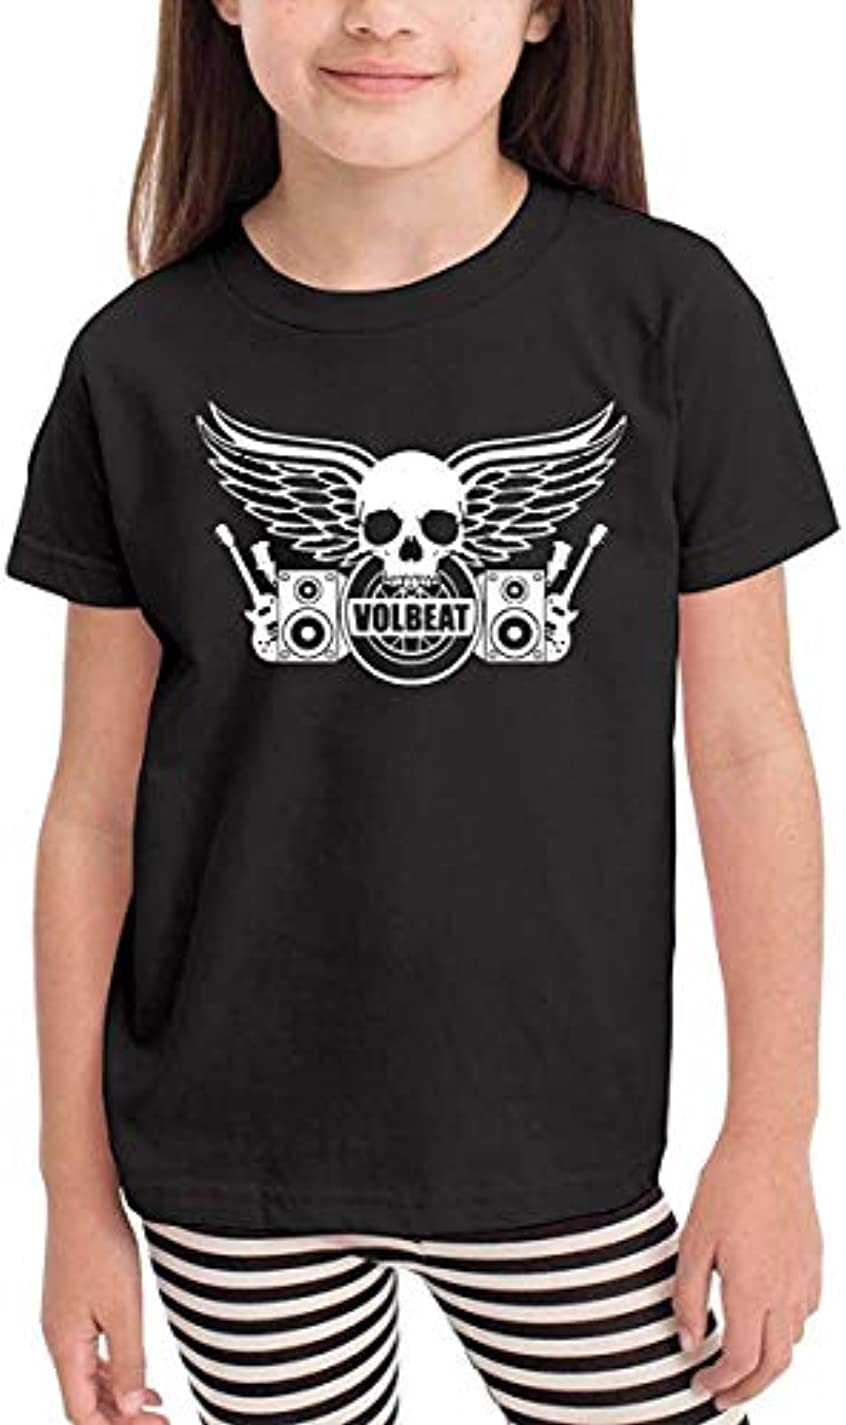 メンタリティ警戒直径Volbeat Infant Kids Comfort半袖Tシャツブラック